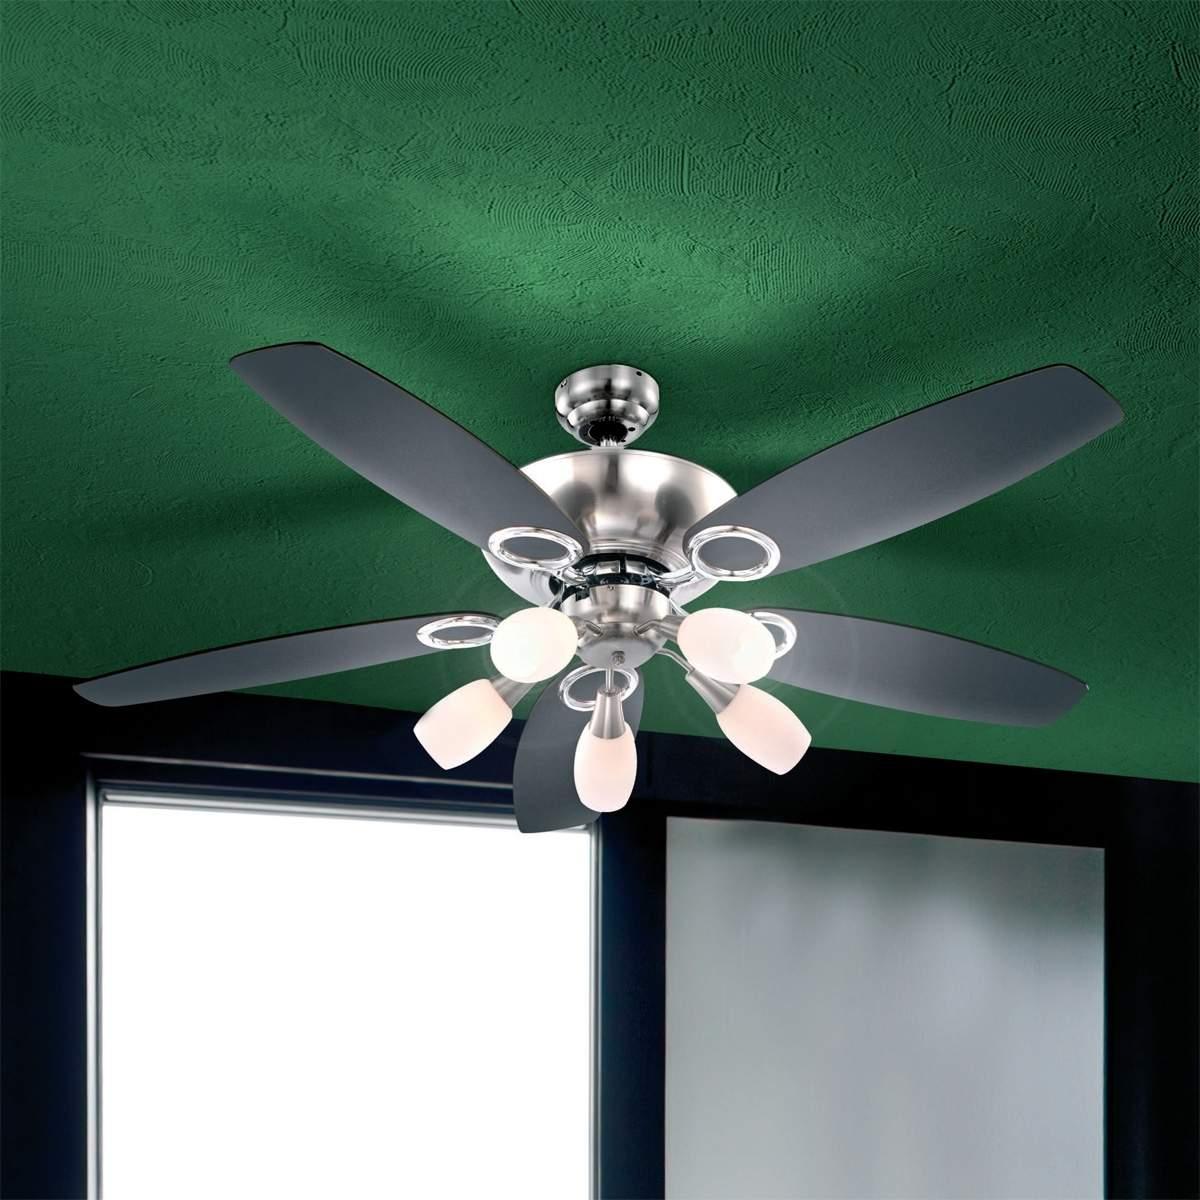 Originale ventilatore da soffitto Jerry, 5 luci Illuminazione per interni